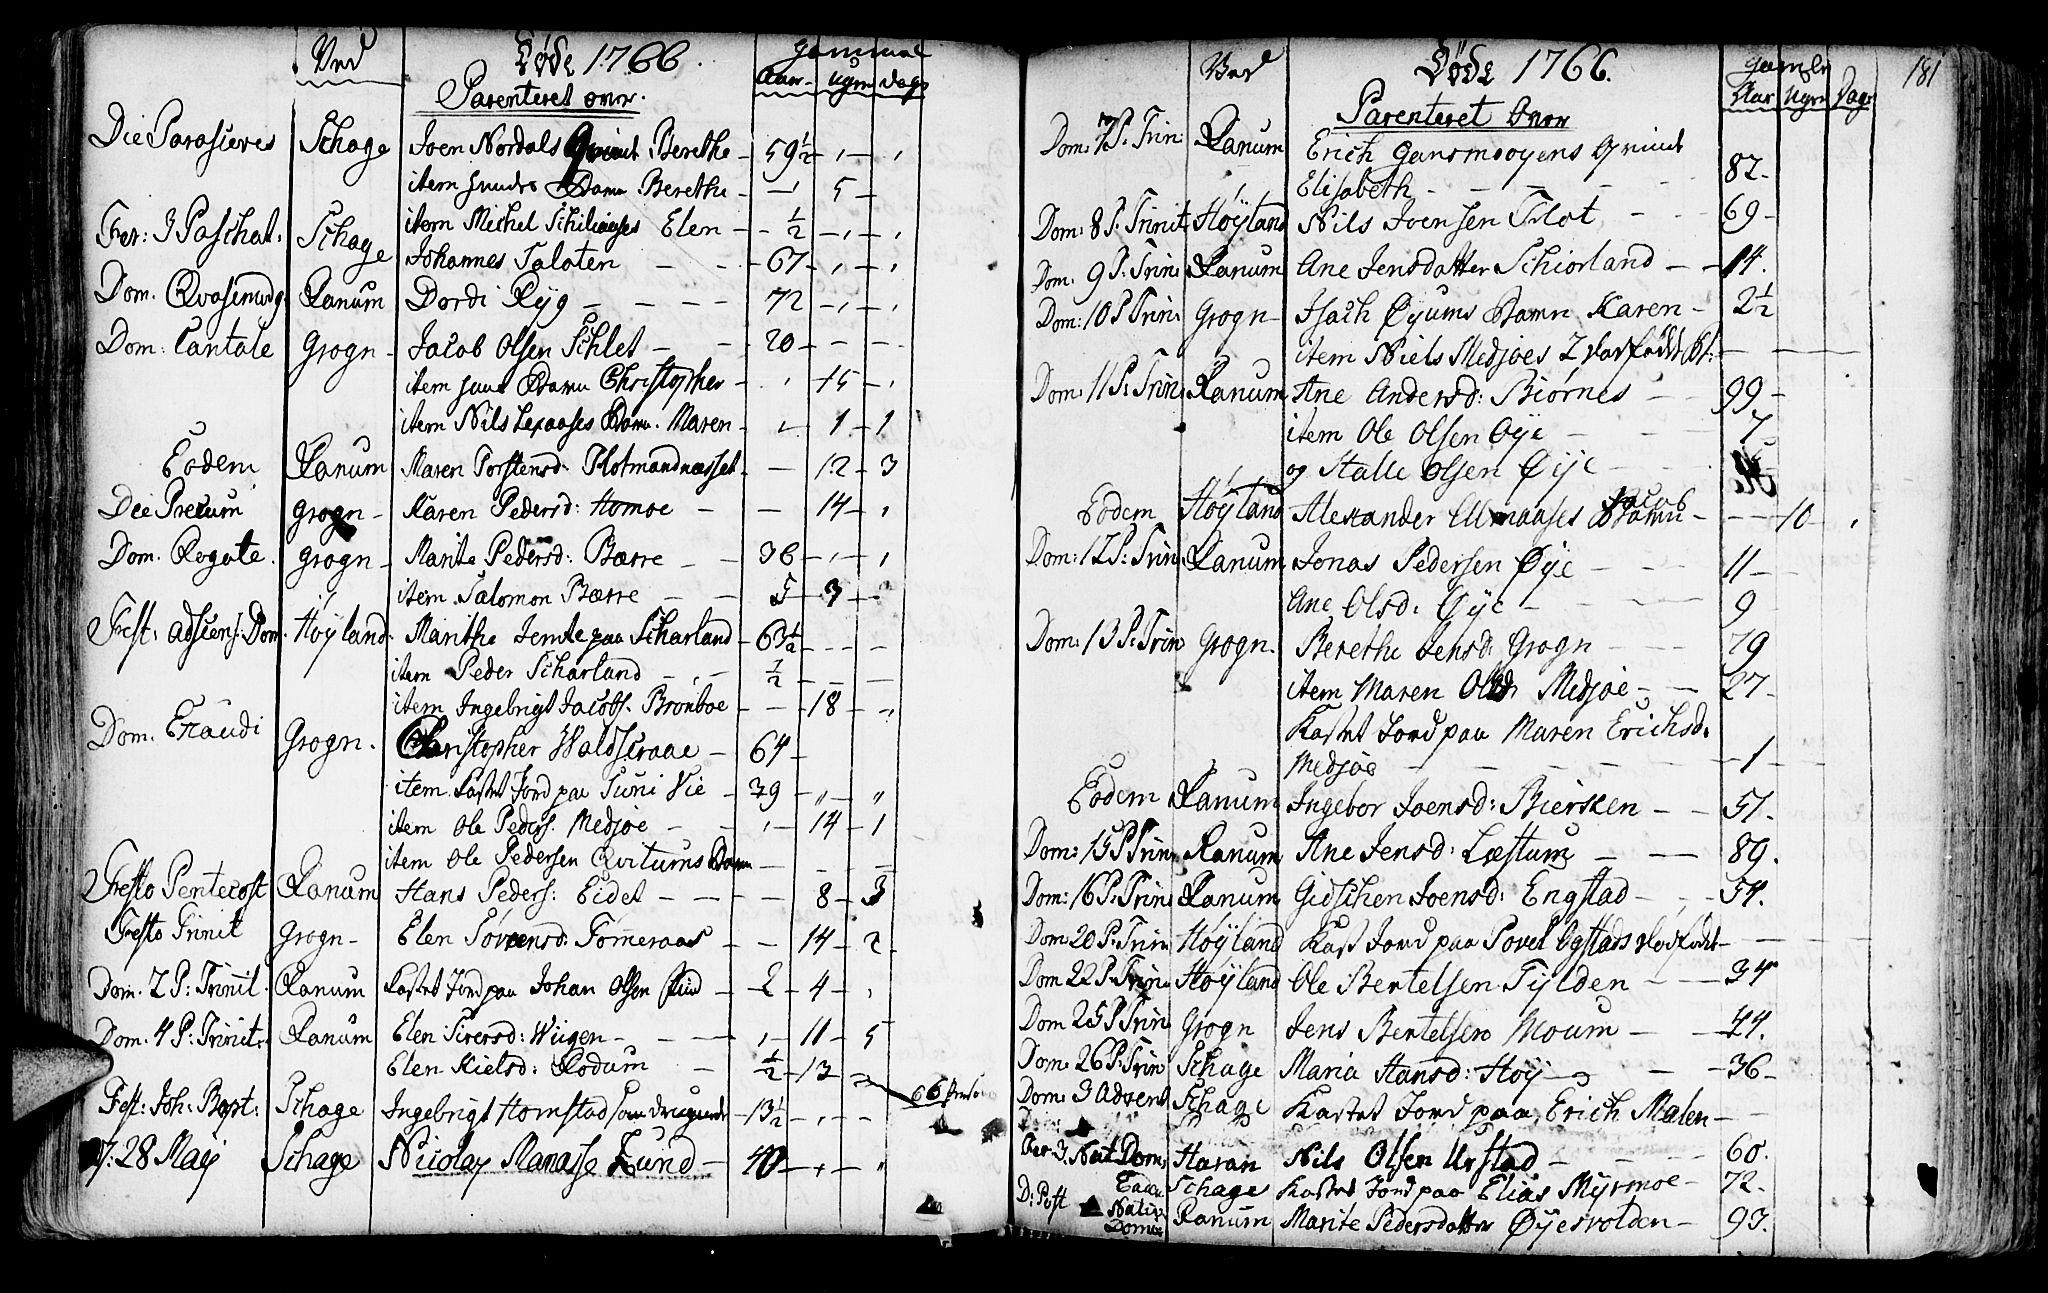 SAT, Ministerialprotokoller, klokkerbøker og fødselsregistre - Nord-Trøndelag, 764/L0542: Ministerialbok nr. 764A02, 1748-1779, s. 181